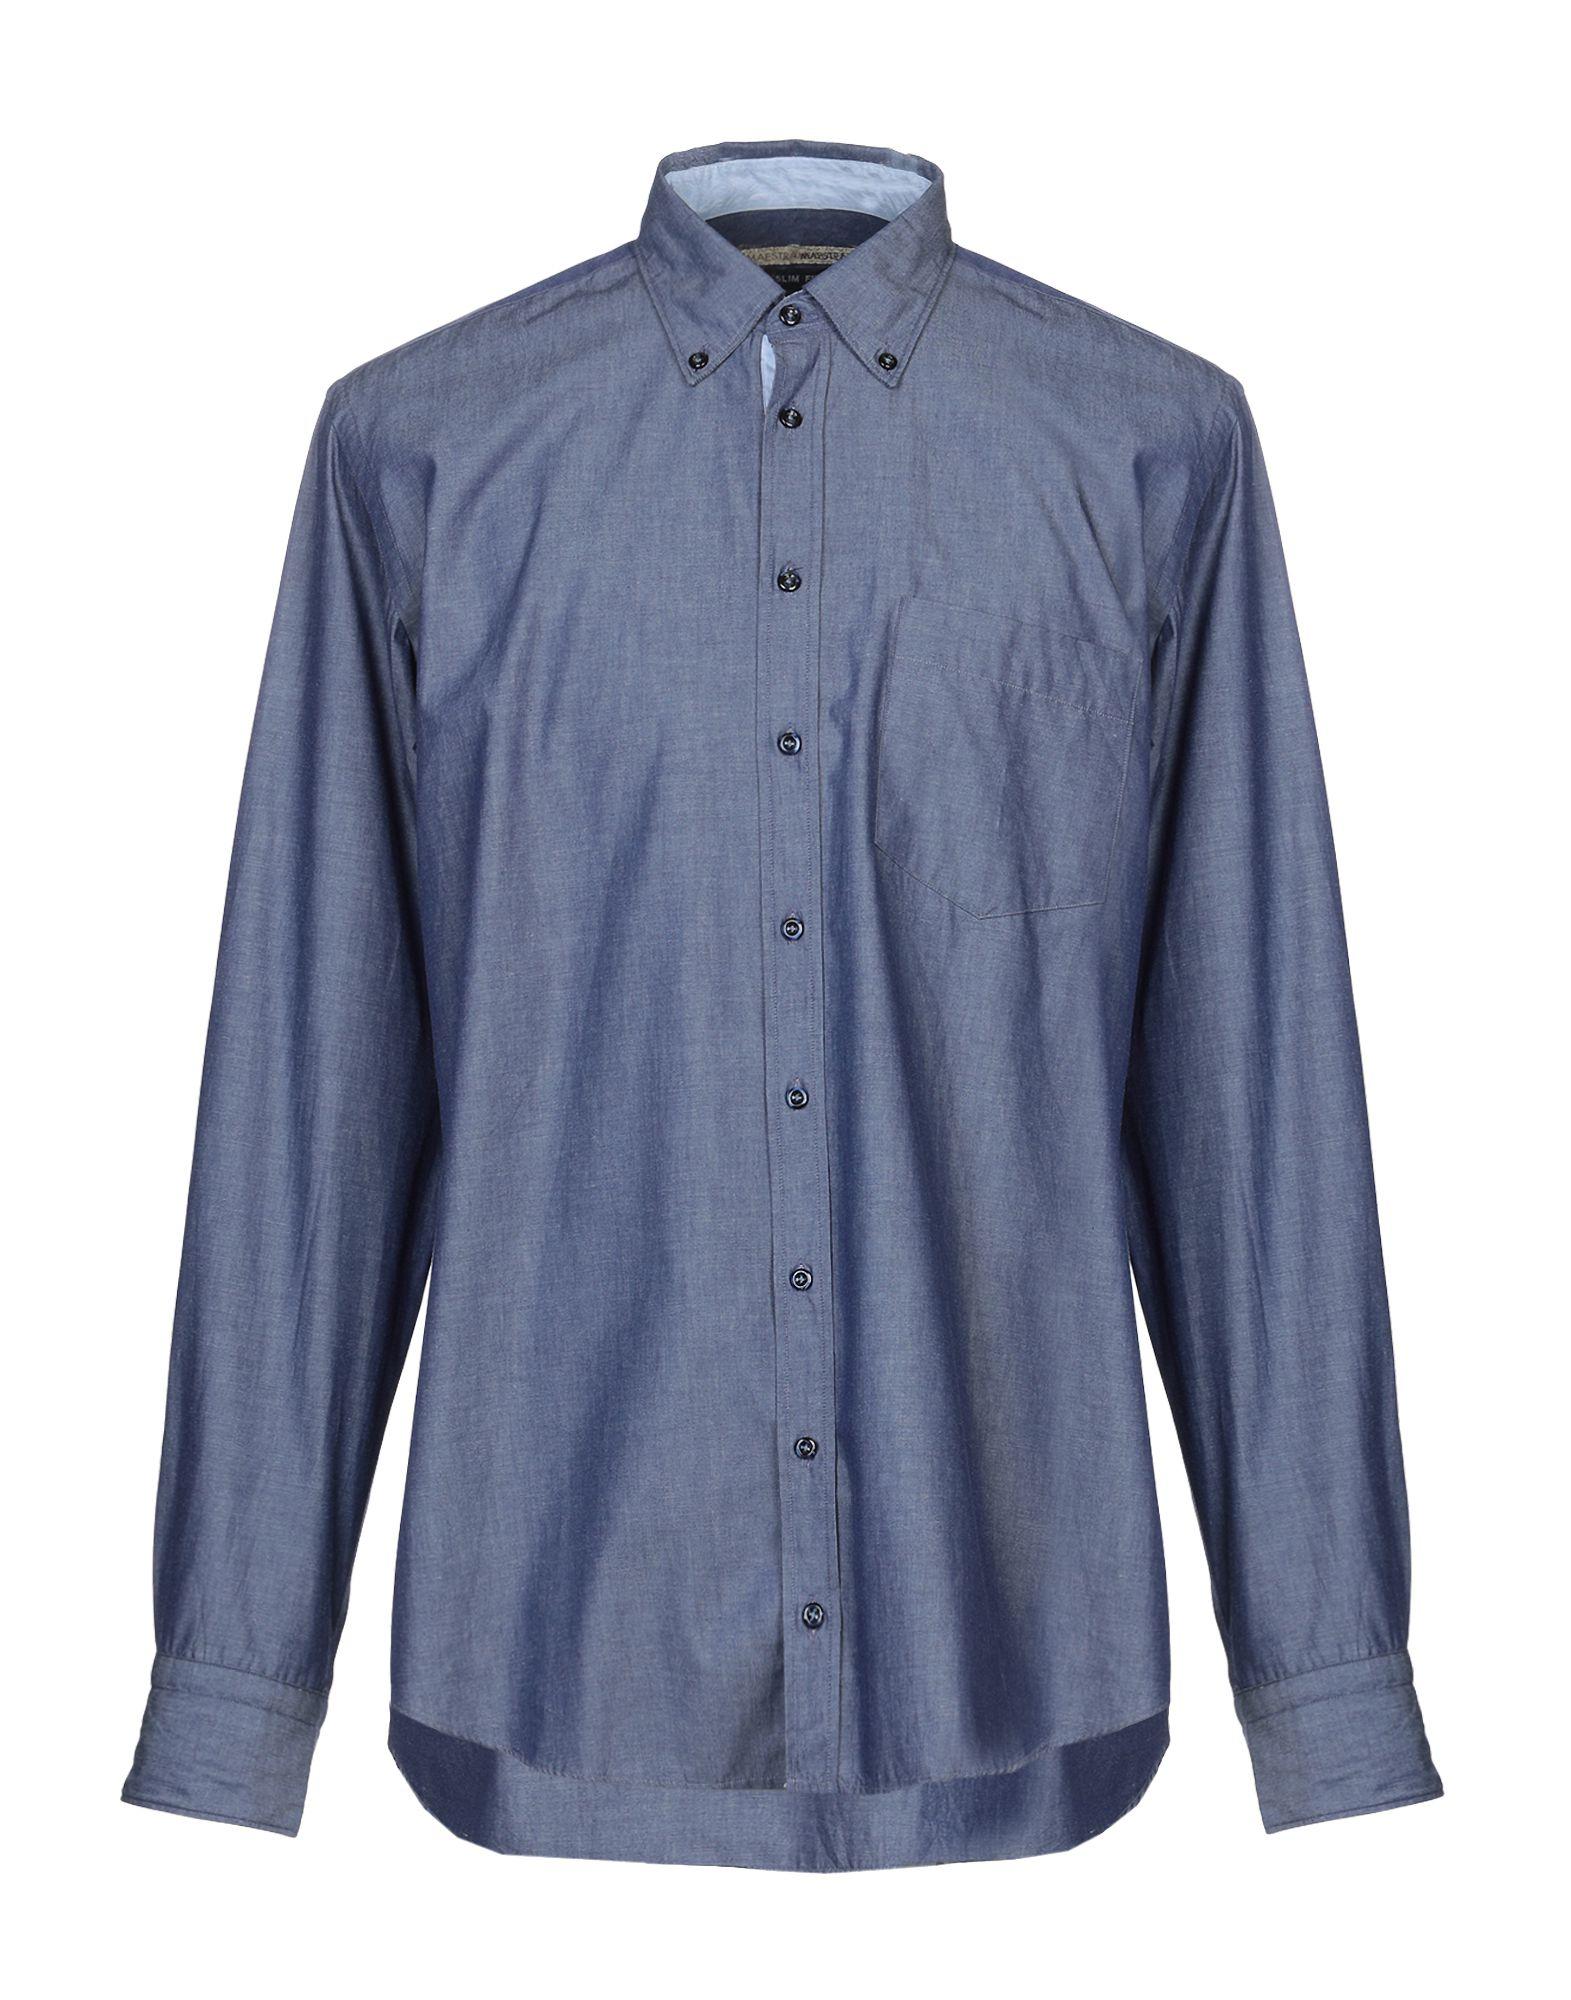 《送料無料》MAESTRAMI メンズ デニムシャツ ブルー 42 コットン 100%